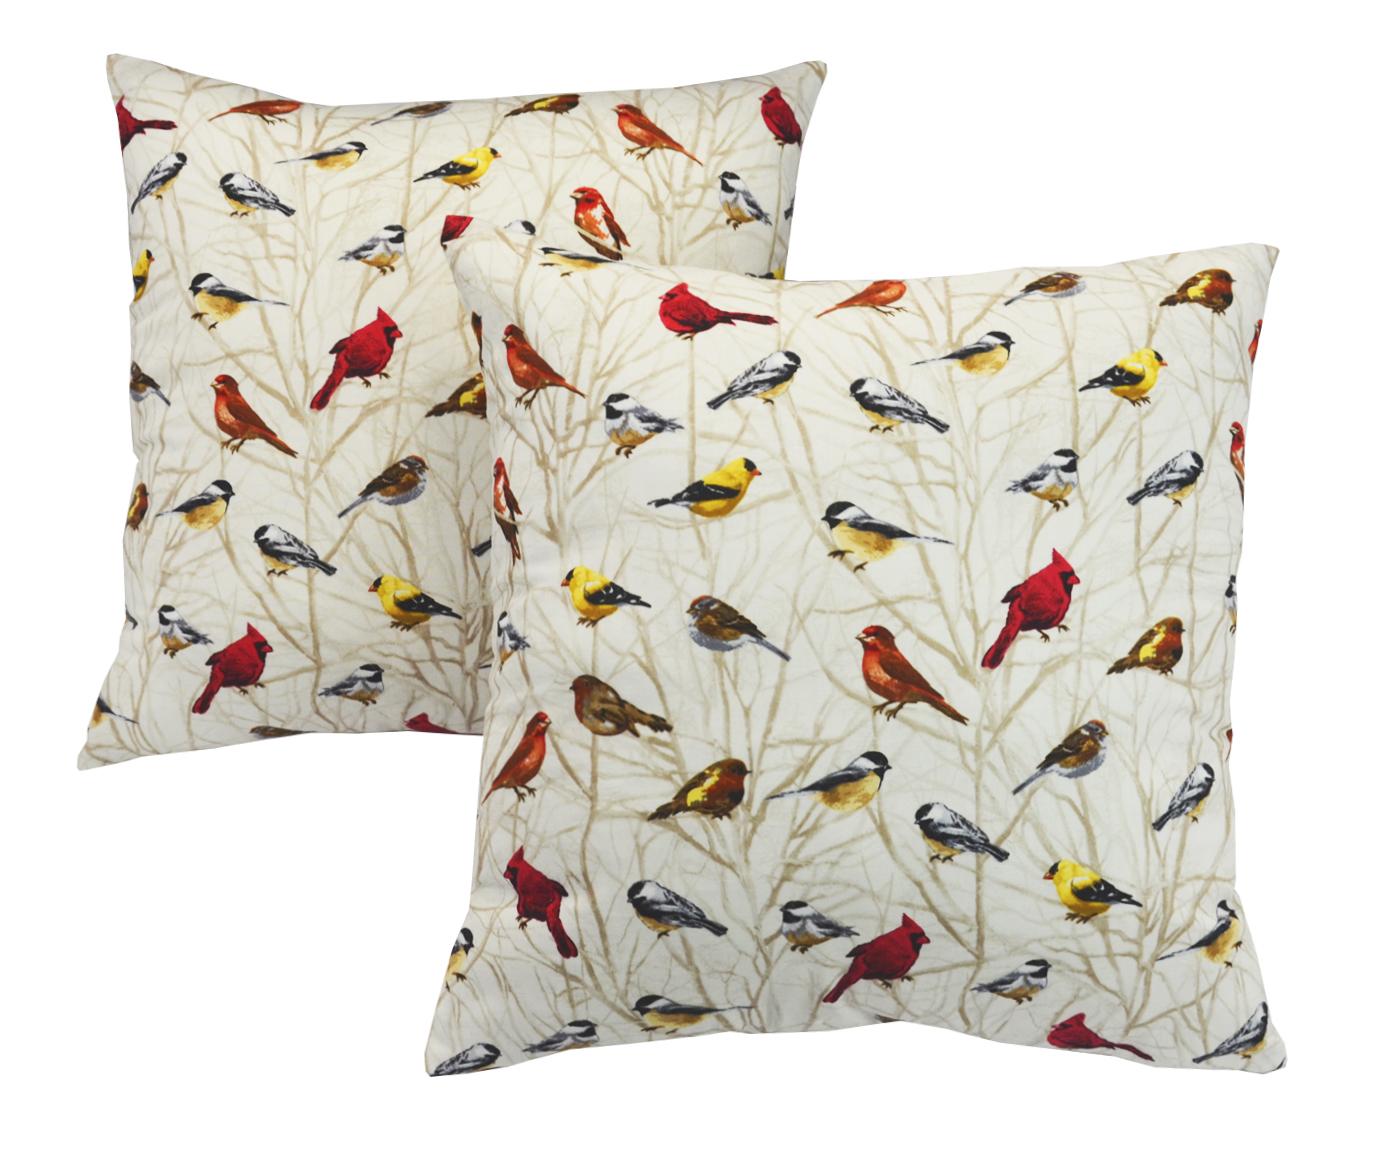 Комплект подушек Веселые птичкиКвадратные подушки и наволочки<br>Декоративная  подушка .Чехол съемный.<br><br>Material: Вискоза<br>Length см: None<br>Width см: 40<br>Depth см: 15<br>Height см: 40